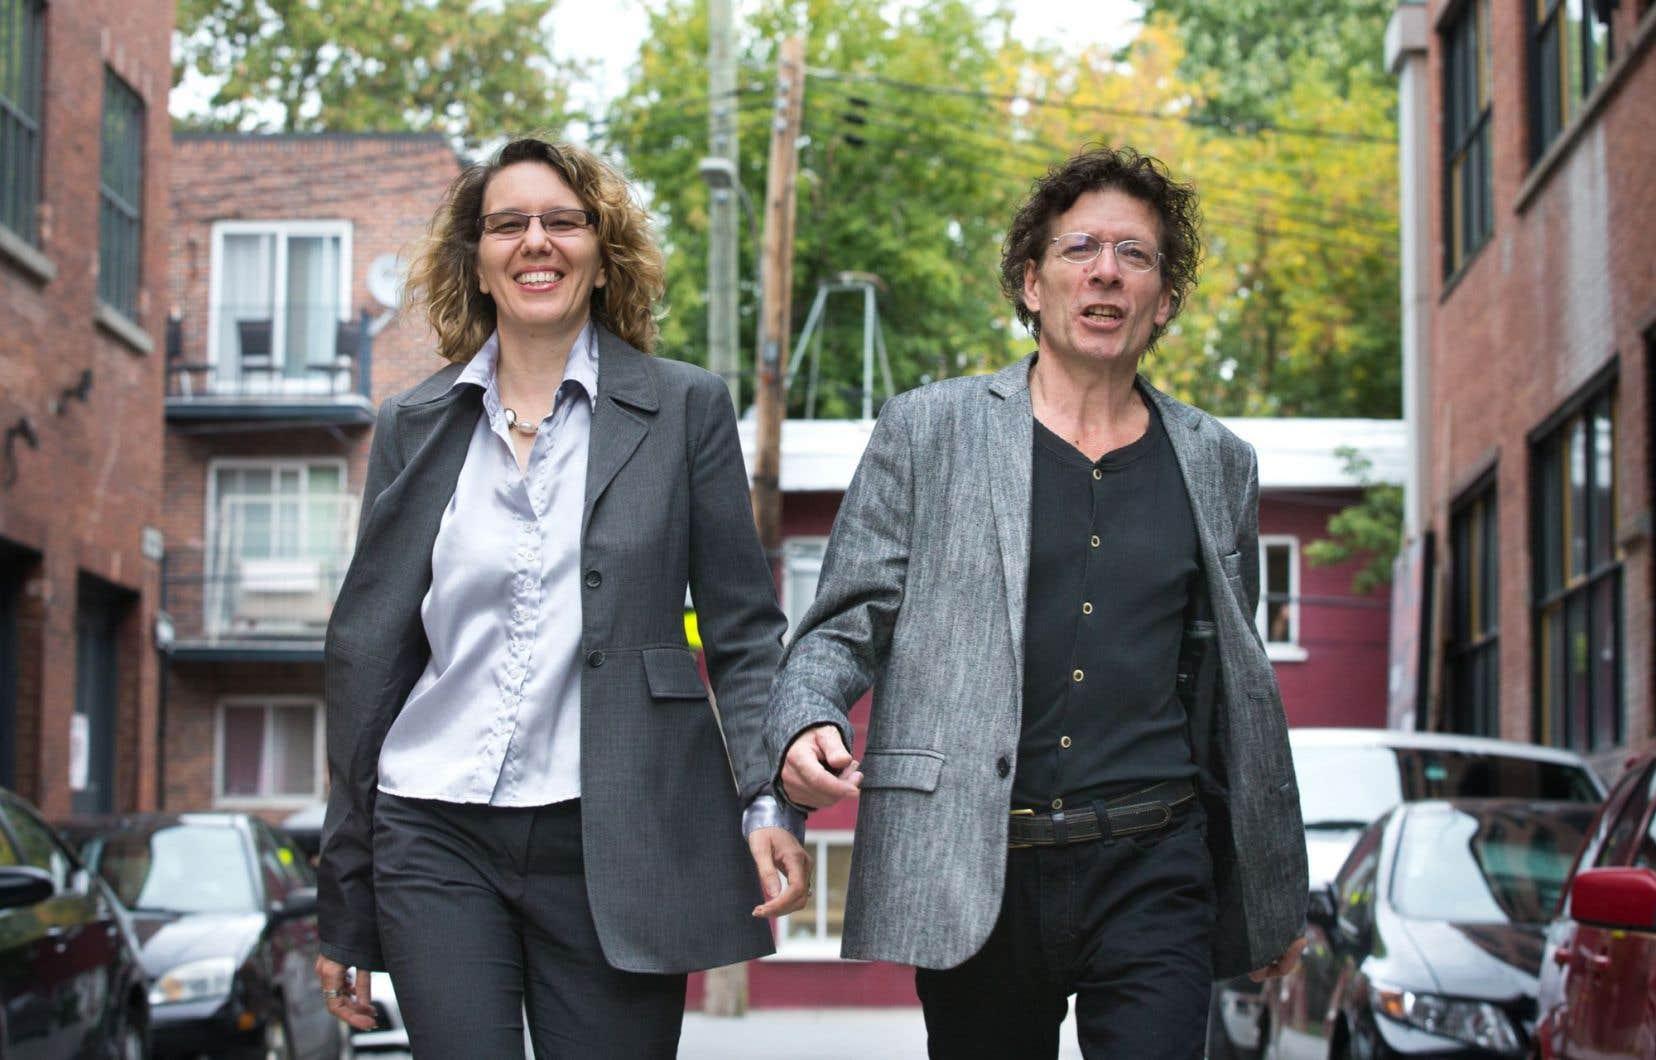 Ioana German, directrice musicale du chœur La Muse, et le compositeur André Pappathomas